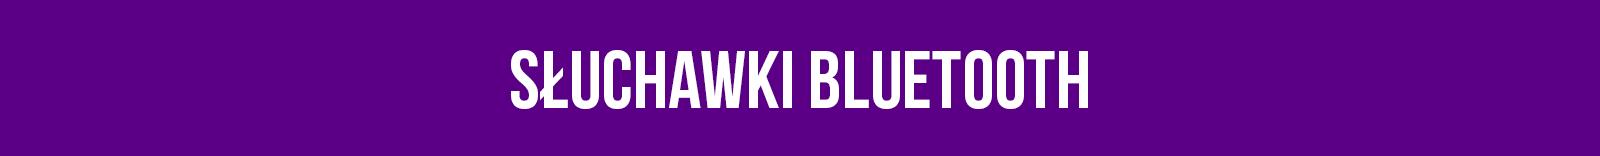 sluchawki bluetooth